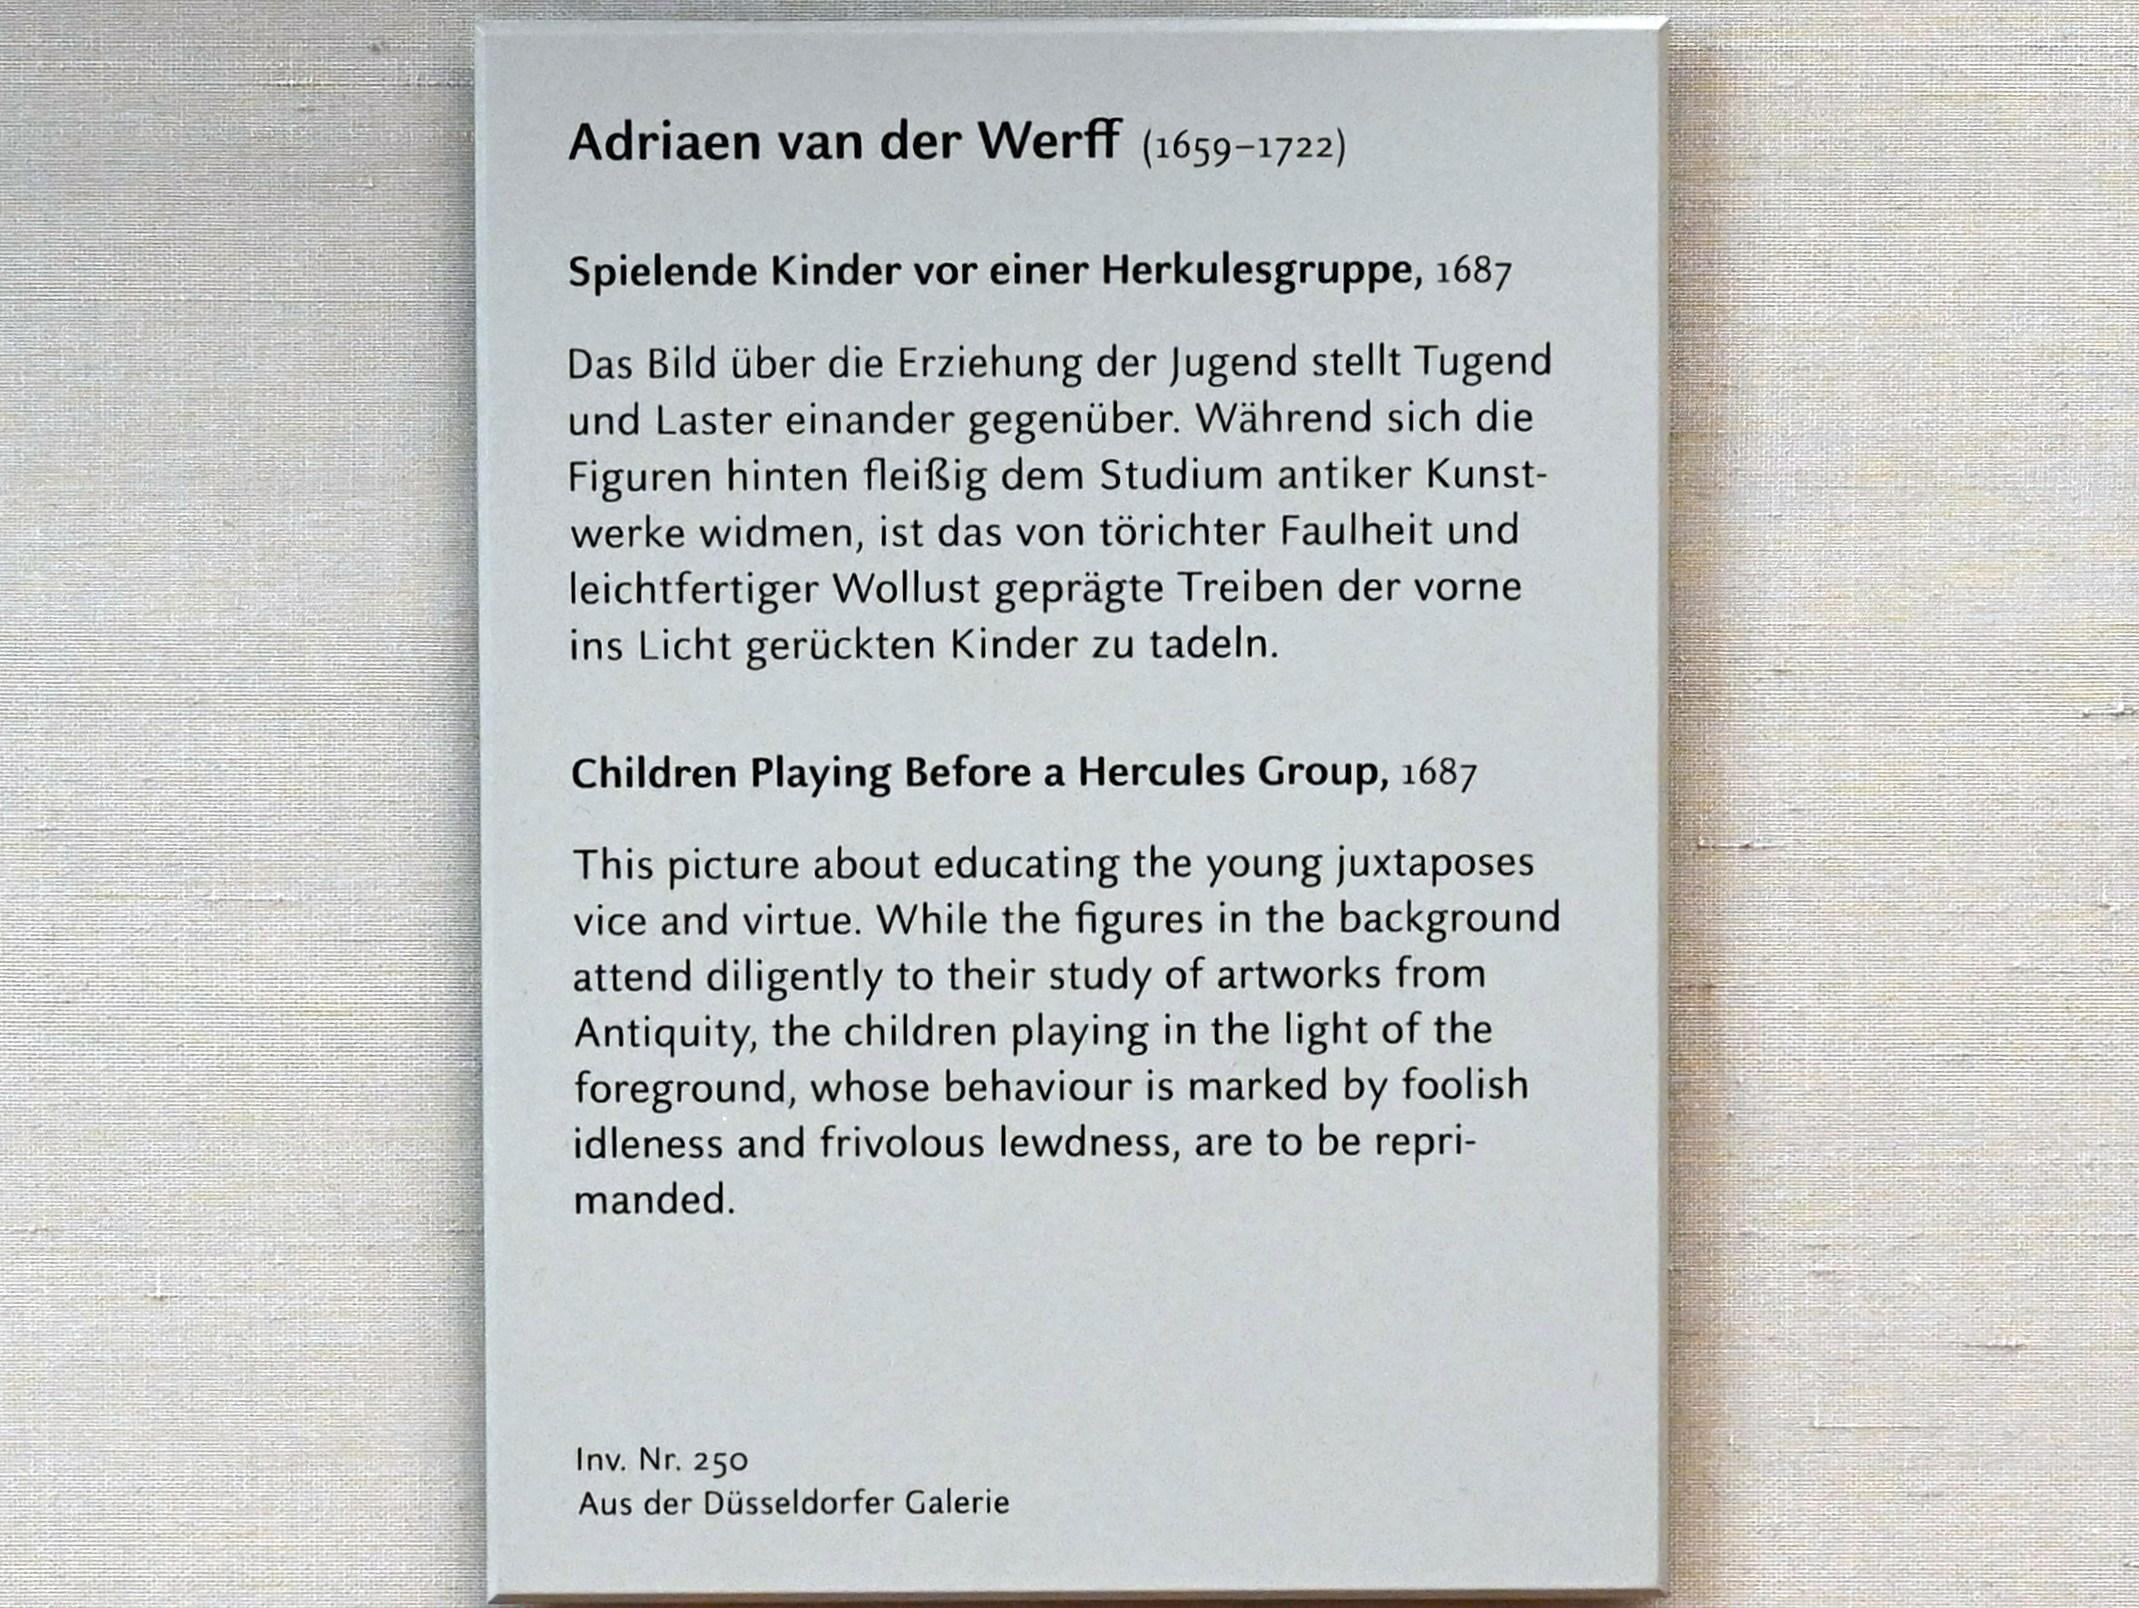 Adriaen van der Werff: Spielende Kinder vor einer Herkulesgruppe, 1687